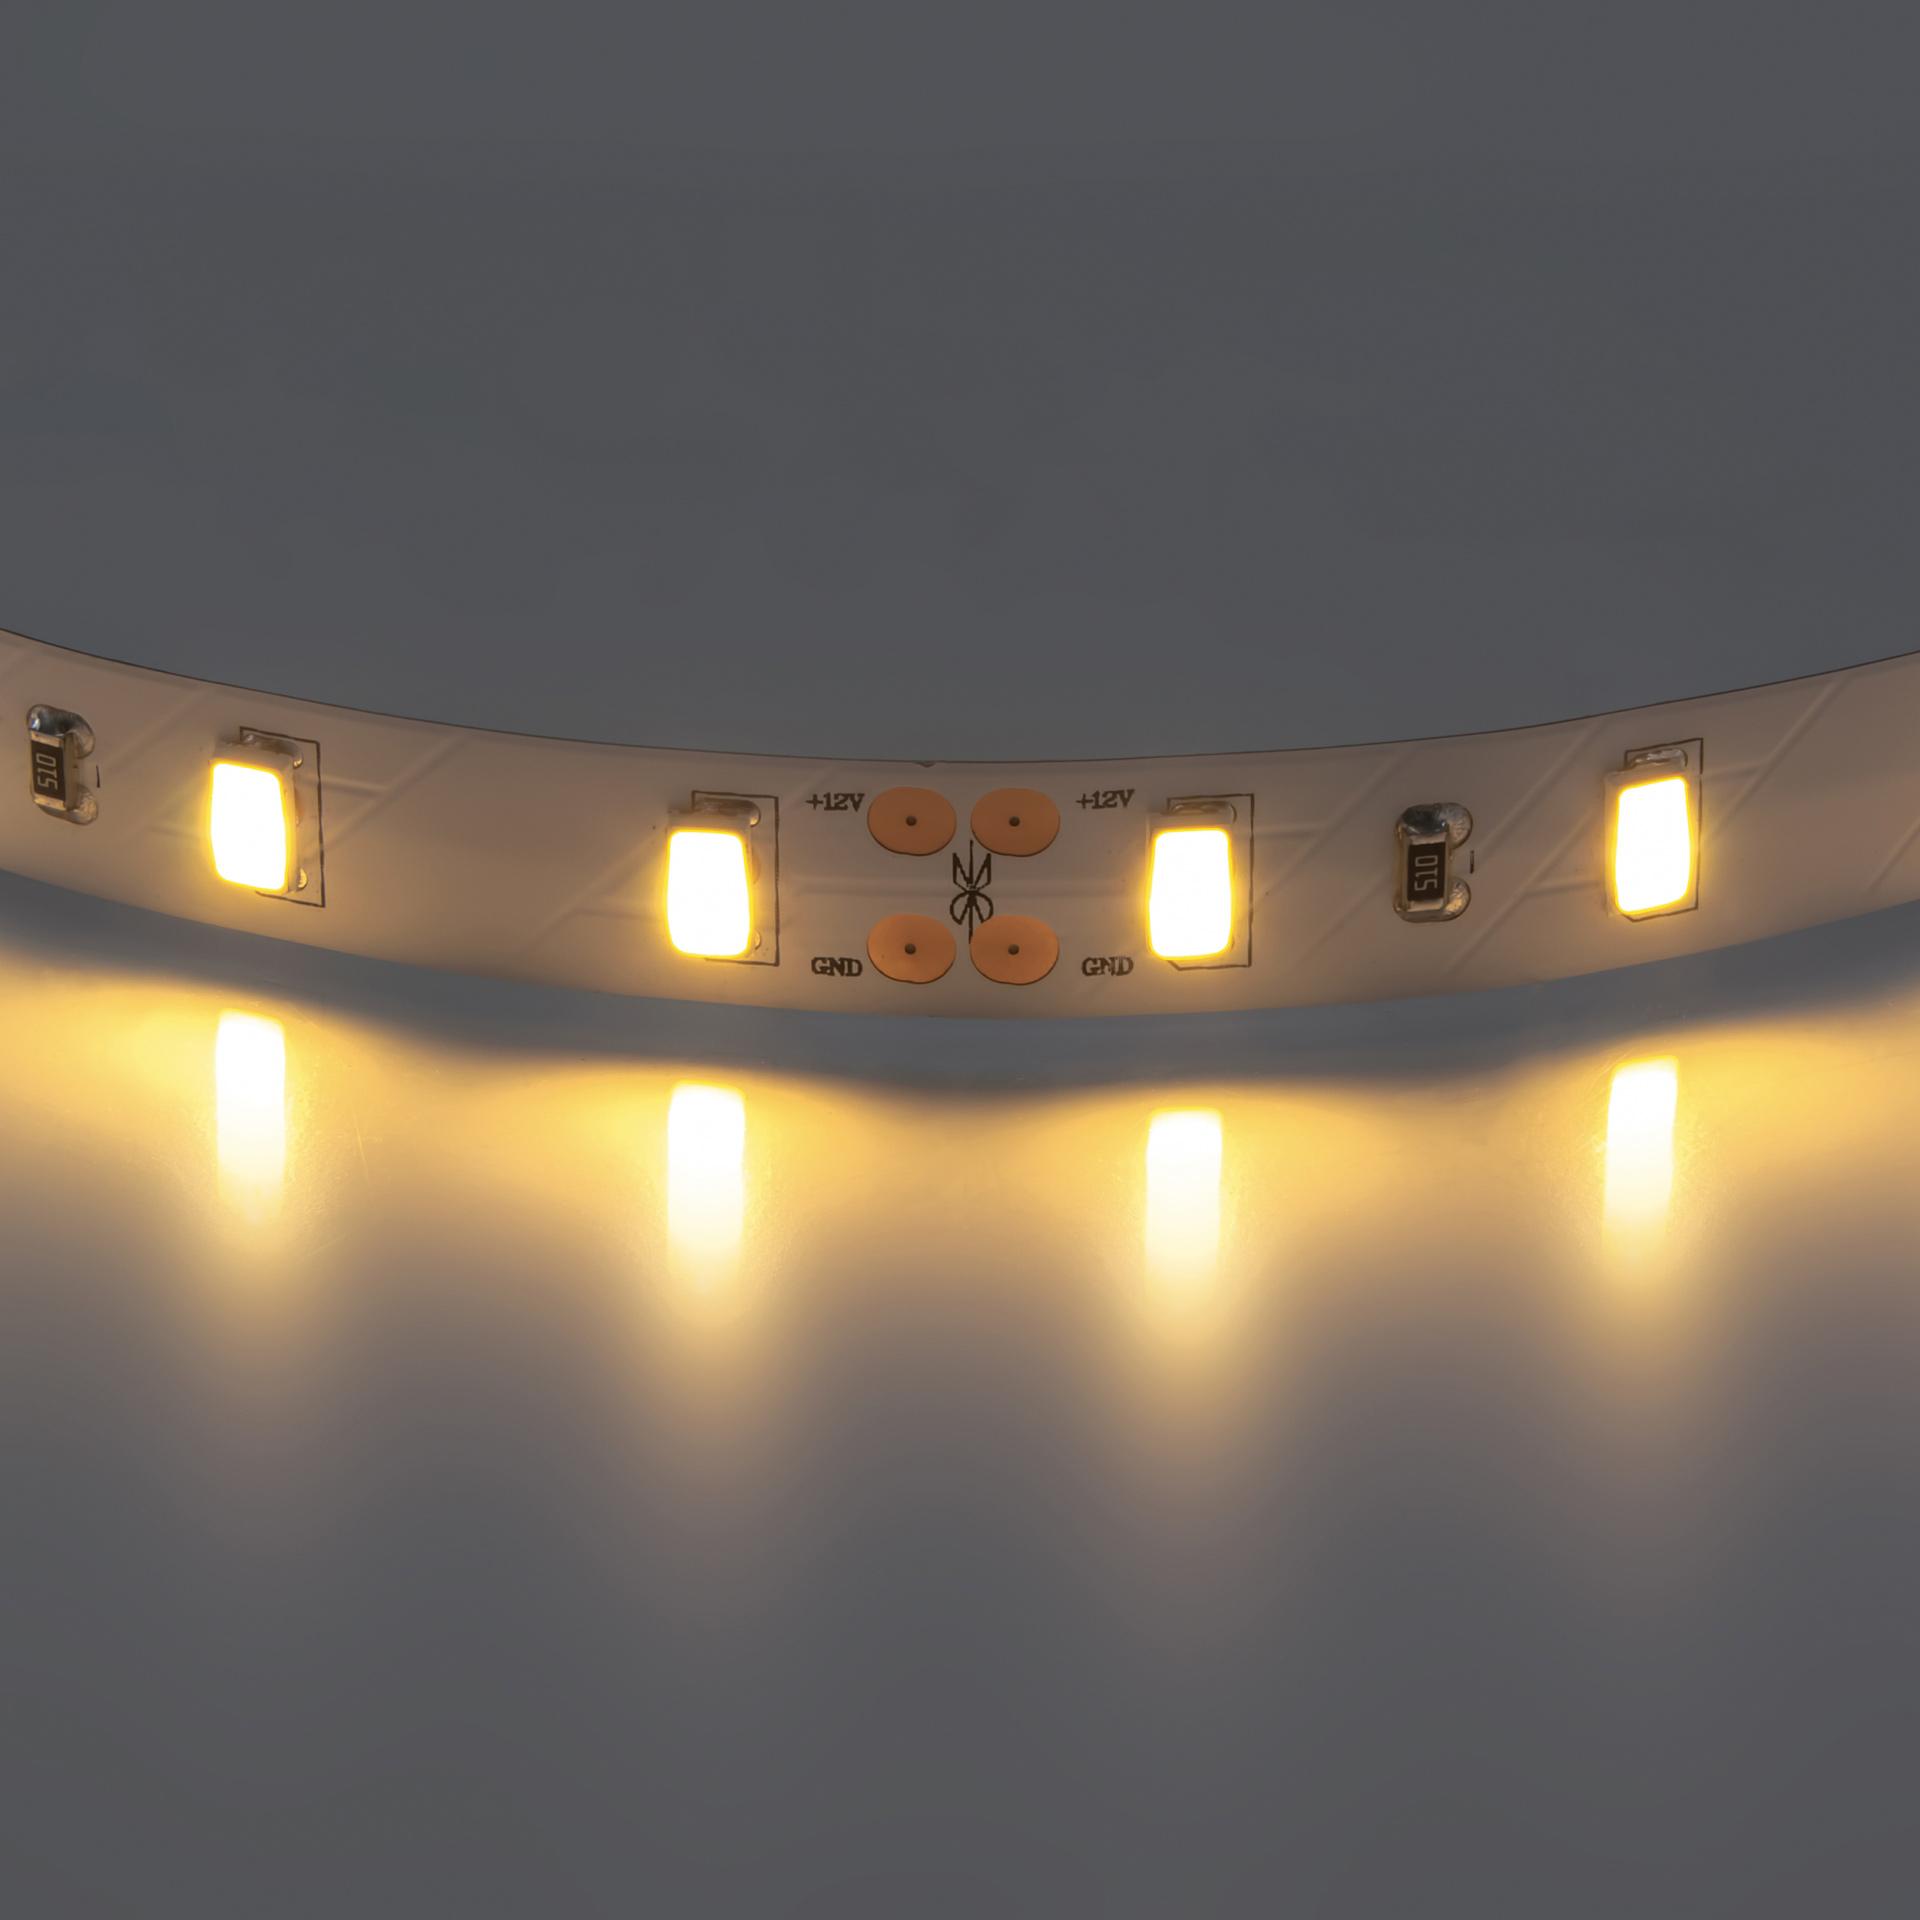 Лента 5630 LED 12V 28.8W 2700K-3000K 200m теплый белый свет Lightstar 400072, купить в СПб, Москве, с доставкой, Санкт-Петербург, интернет-магазин люстр и светильников Starlight, фото в жизни